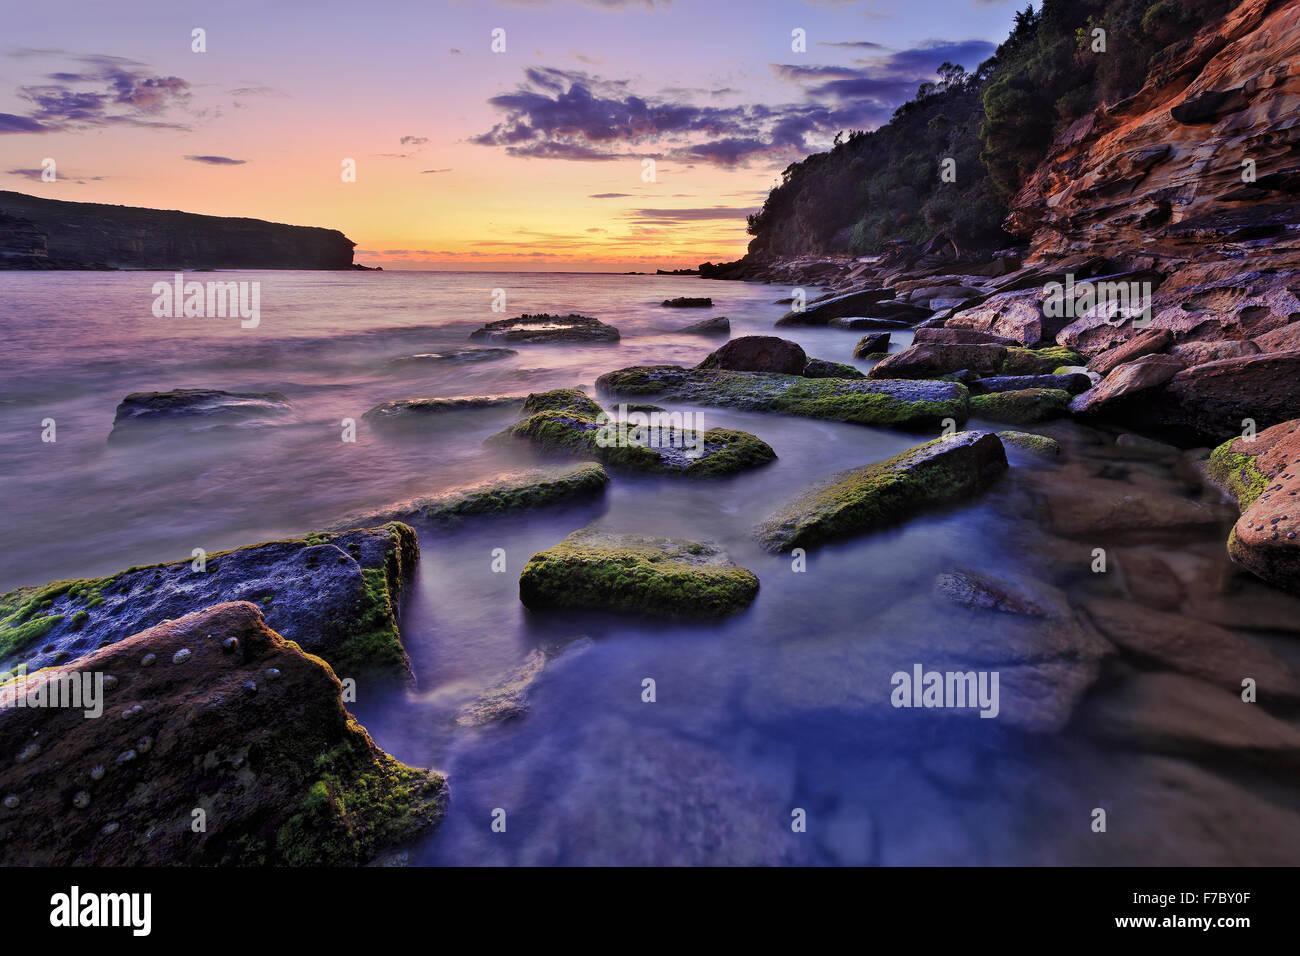 Trasparente mare chiaro piano presso il Royal National Park Wattamola spiaggia rocciosa in Australia all'alba con acqua sfocata intorno al green Foto Stock